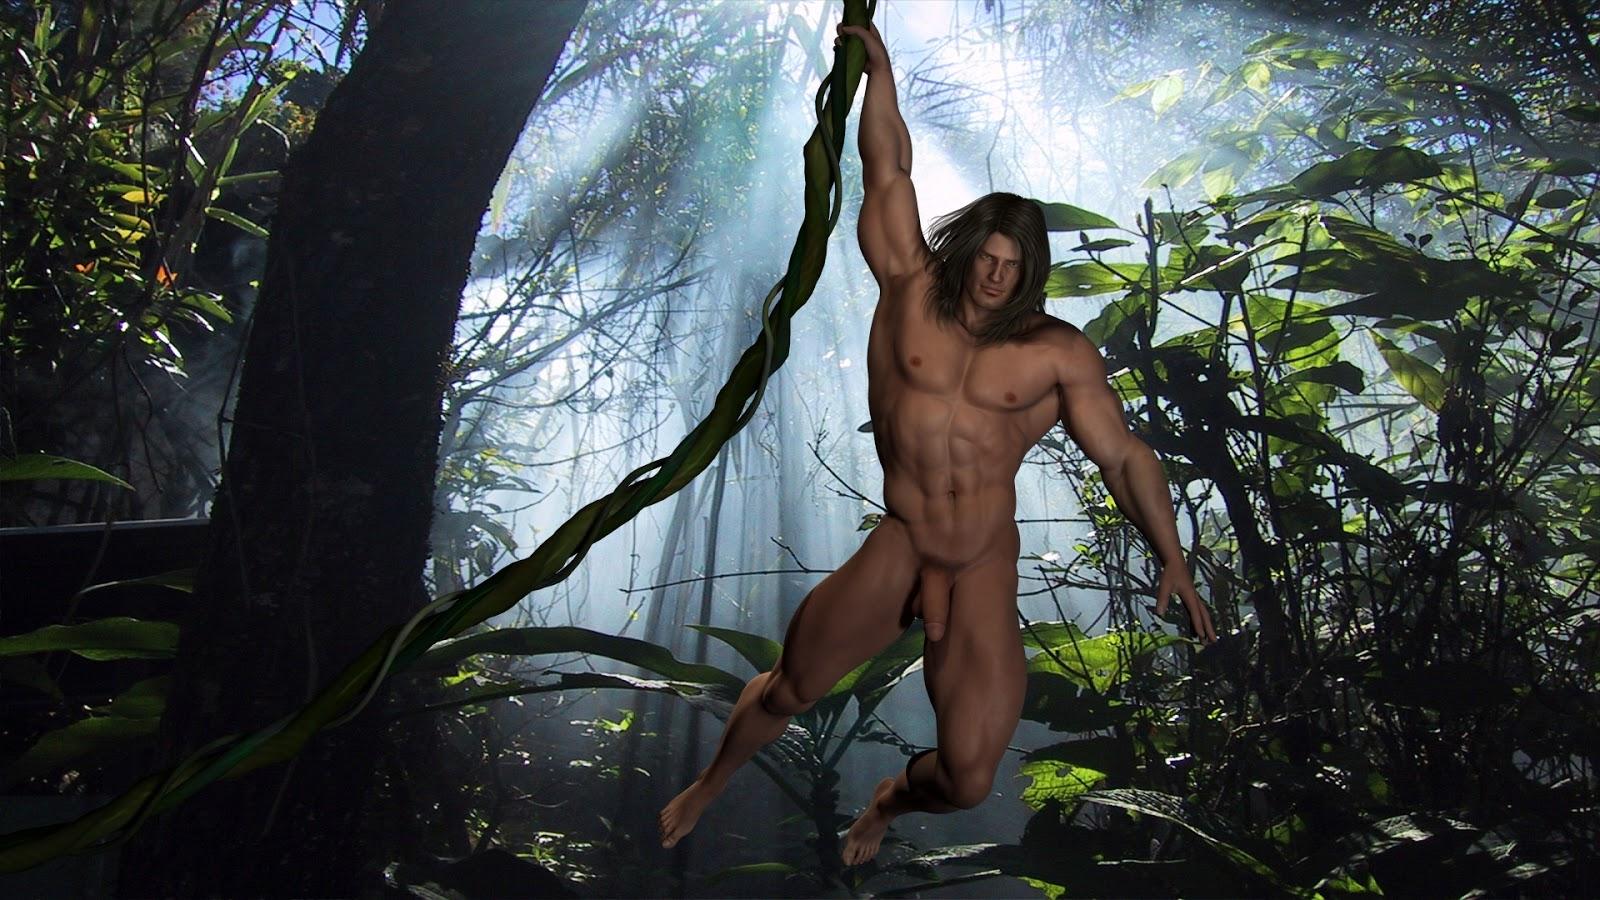 смотреть порно фильмы про секс в джунглях